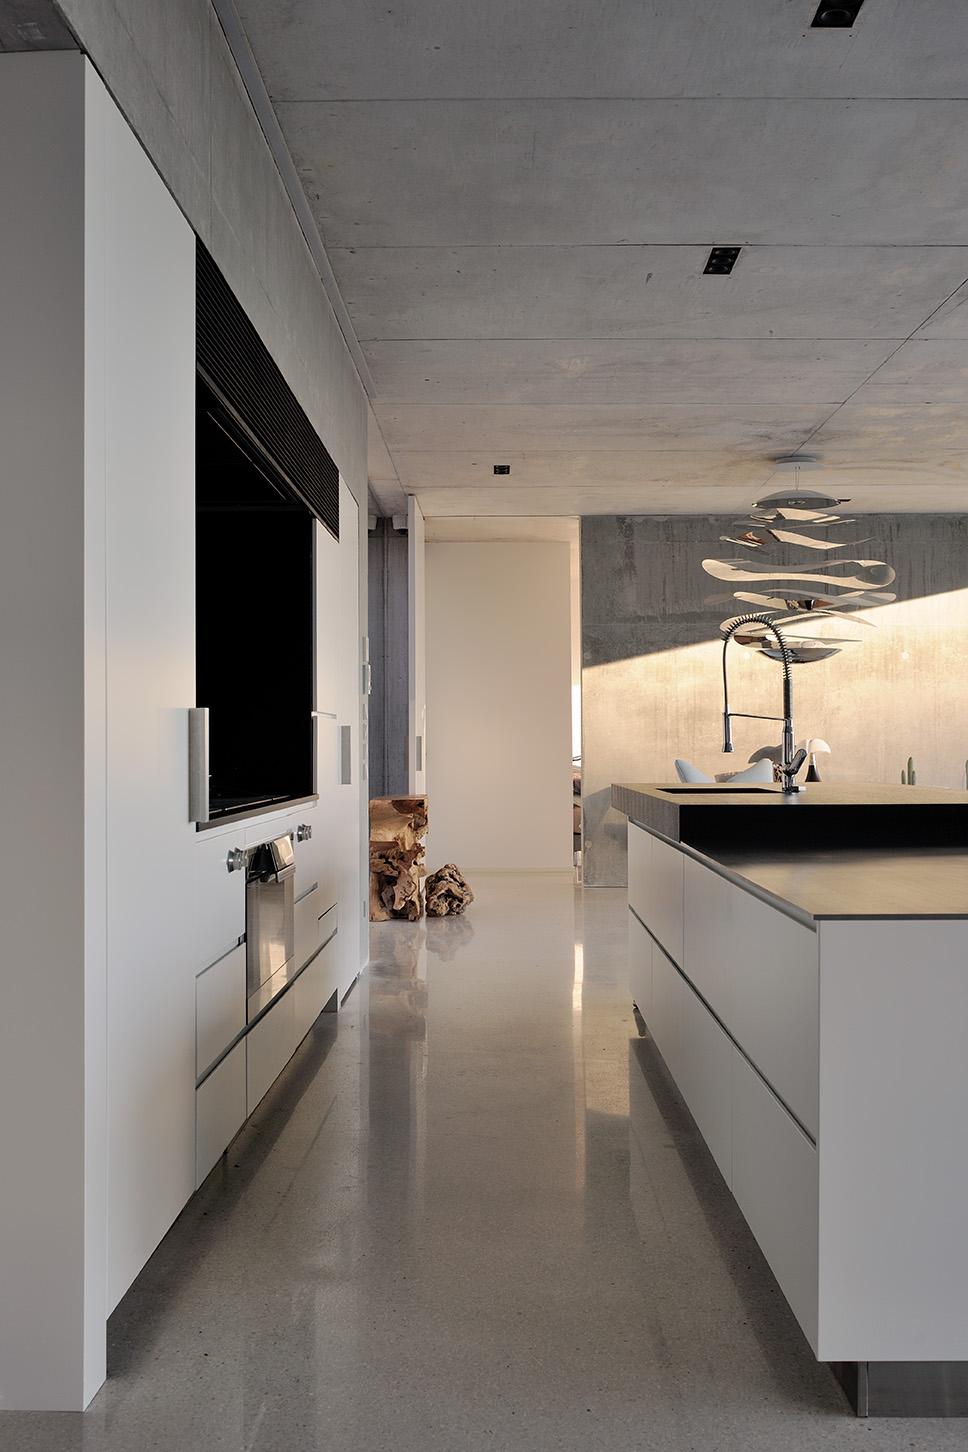 Maison mira ra 01 aum minassian architectes architecture maison contemporaine materiaux beton acier brut sud france 7